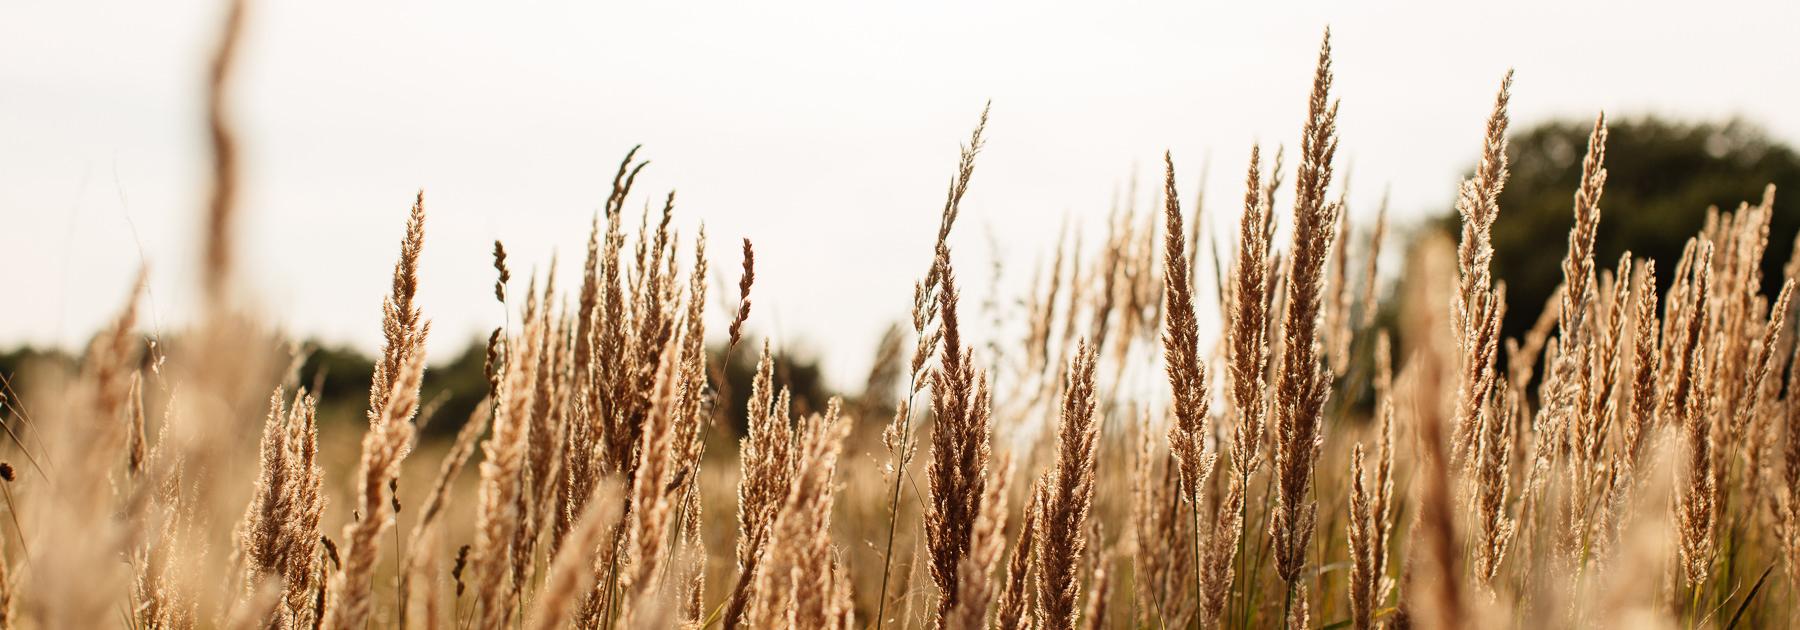 trawy nad morzem